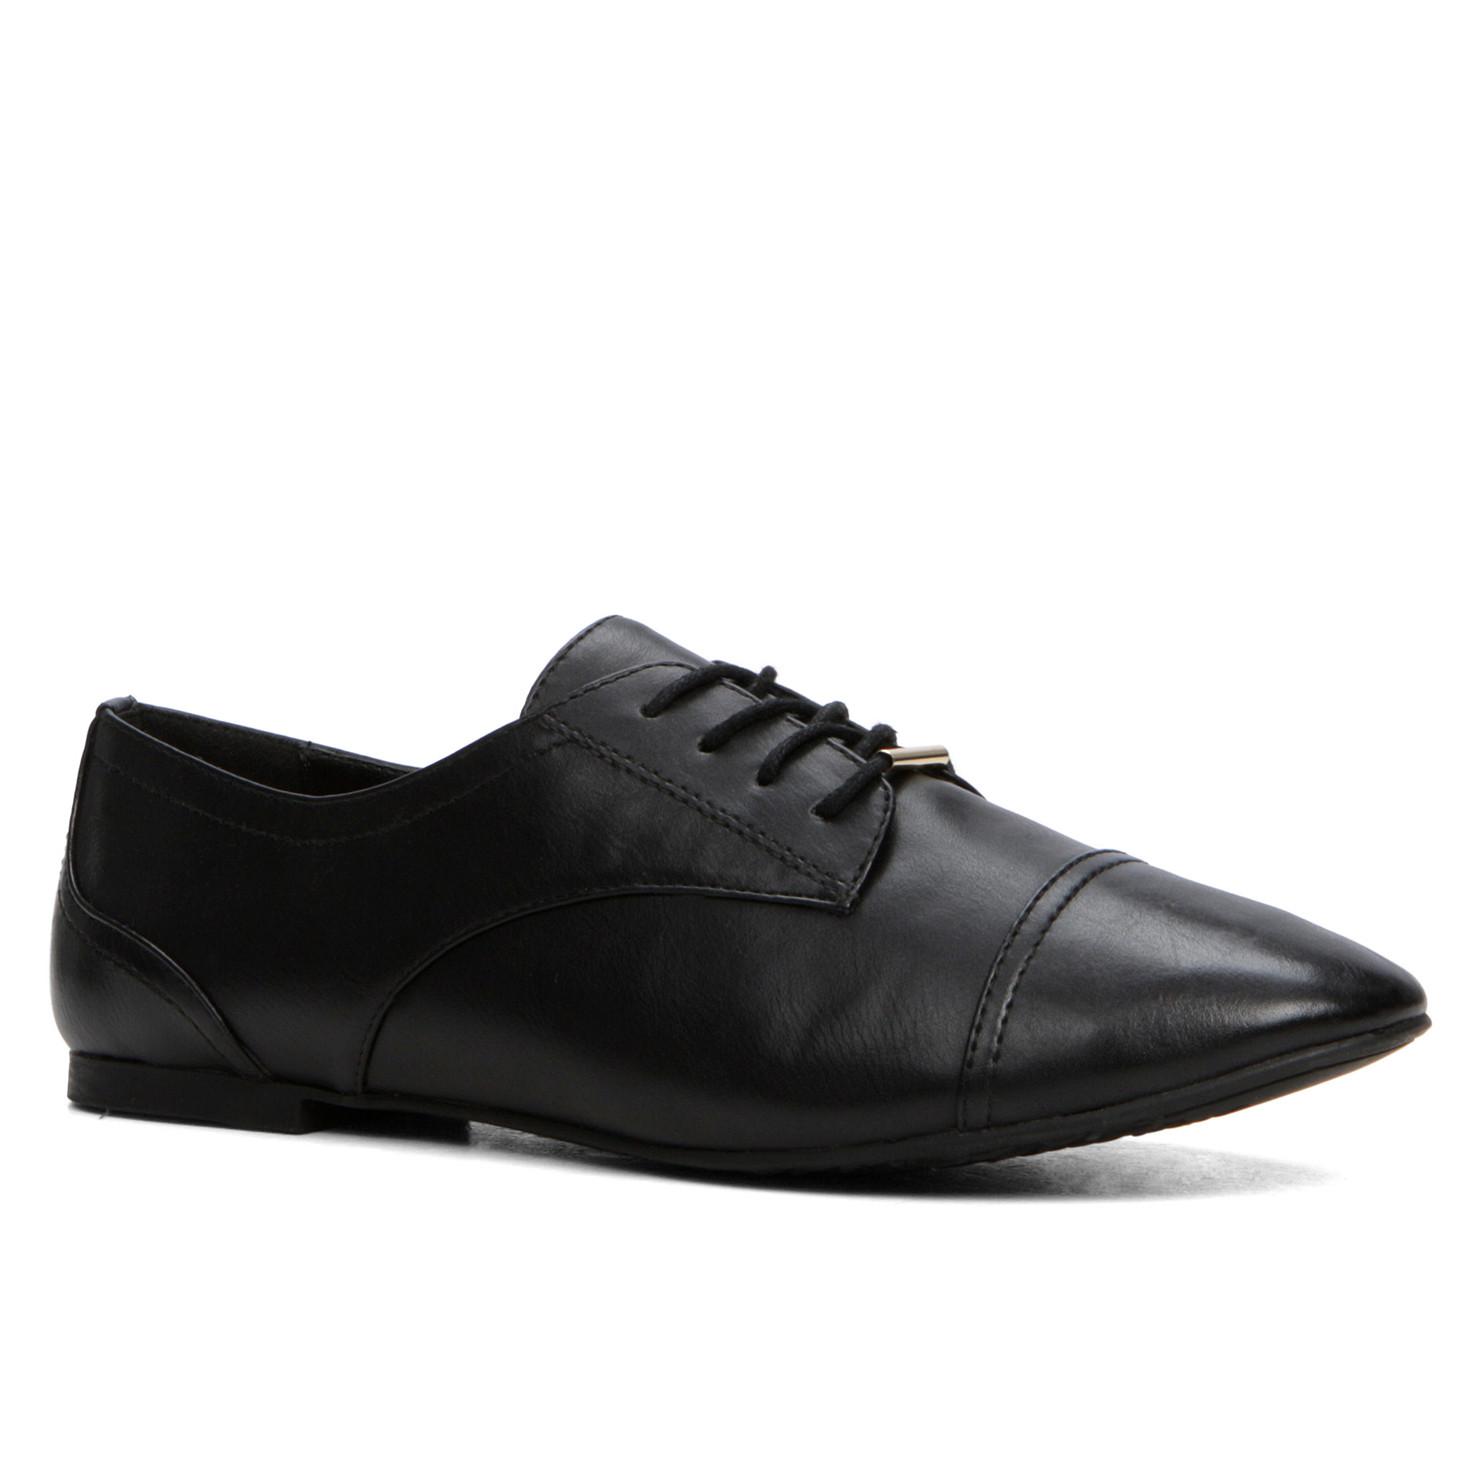 aldo souliers noirs